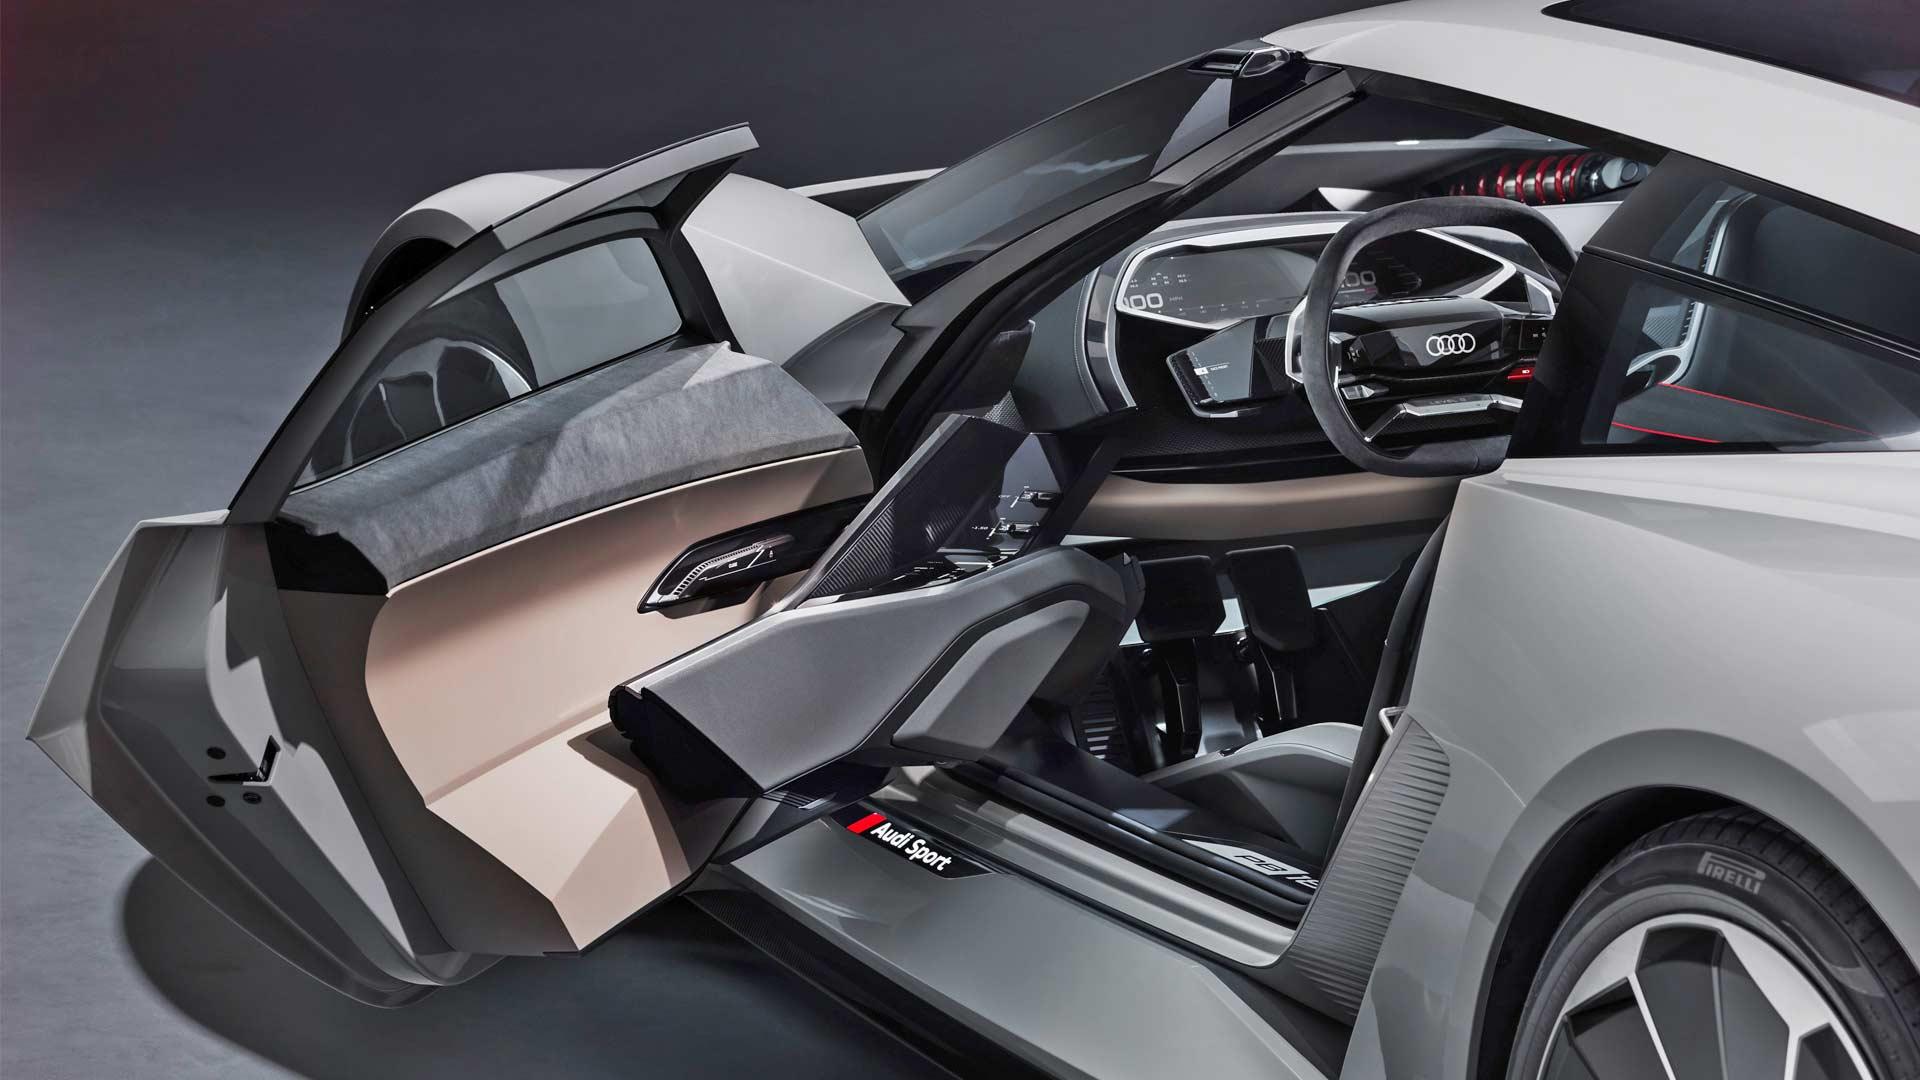 Audi-PB18-e-tron-concept-interior